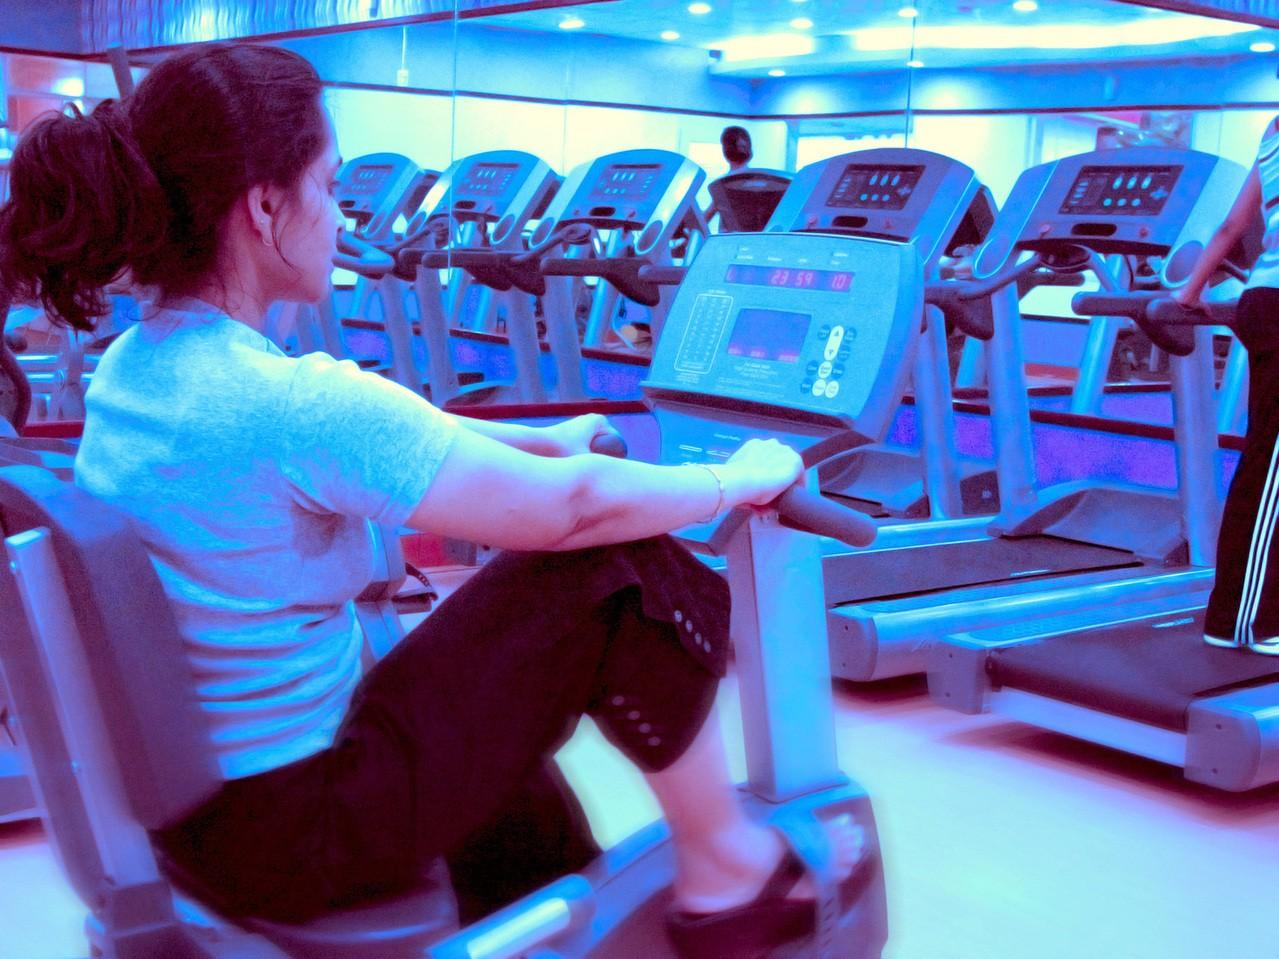 Akcesoria sportowe przydatne na siłowni i w klubie fitness